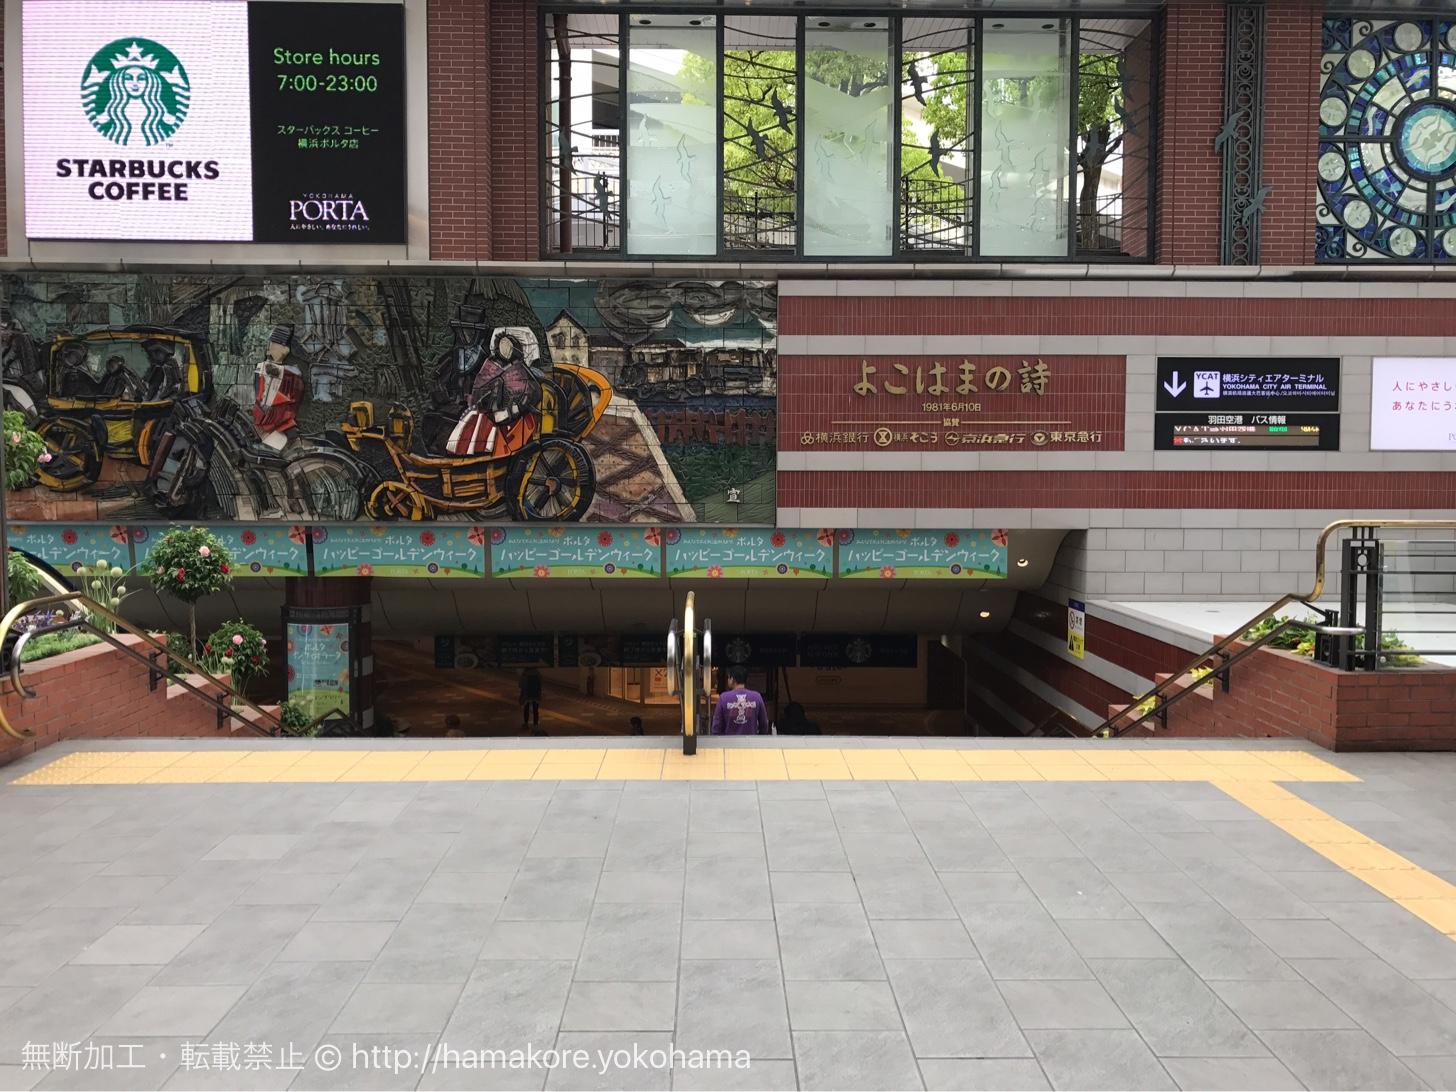 横浜駅 中央通路からポルタに続く階段